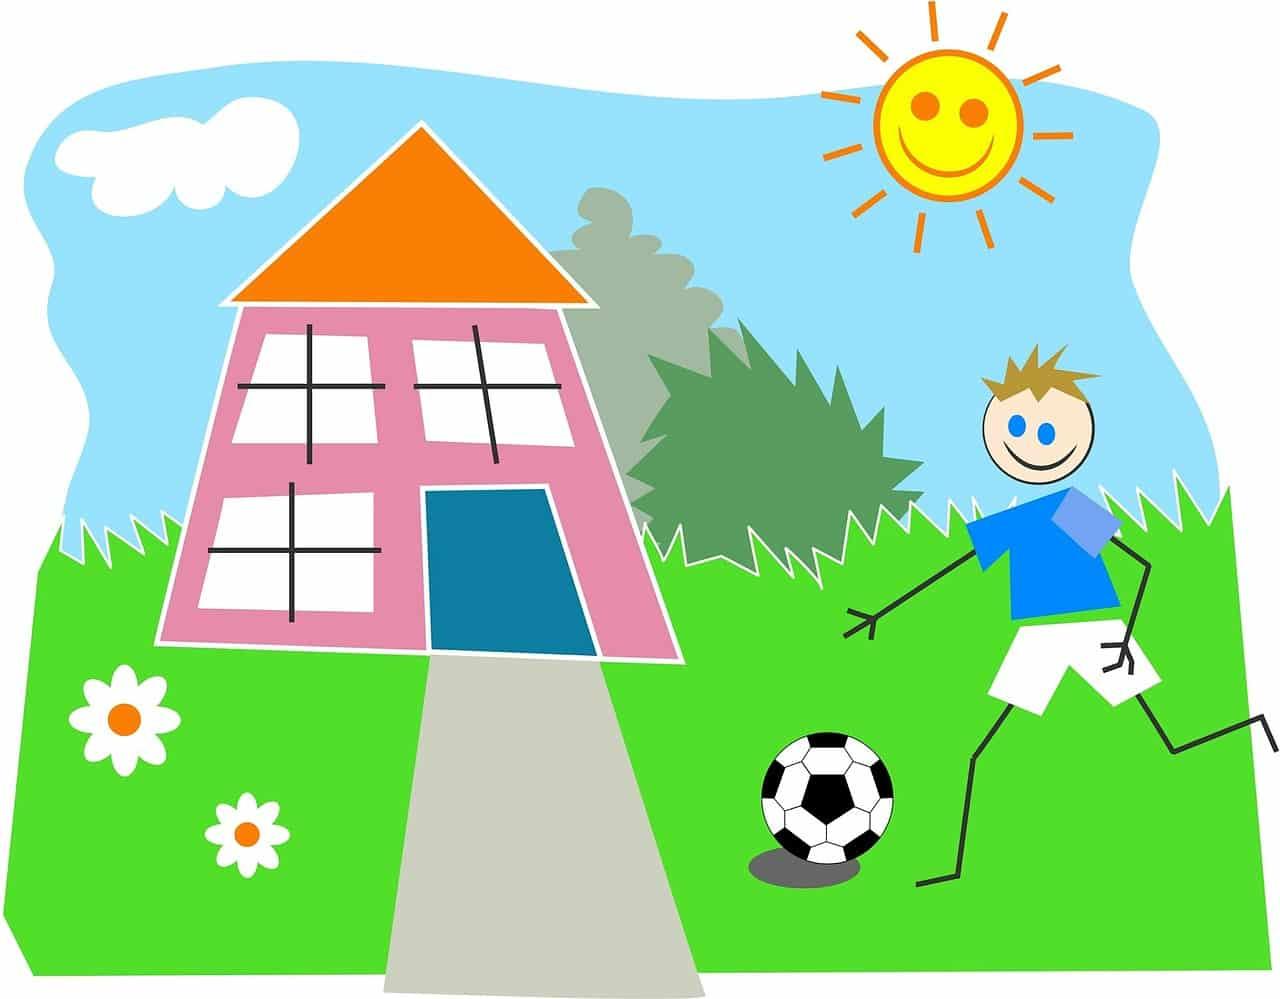 Enfants location courte duree reservation eldorado - Location meublee courte duree ...